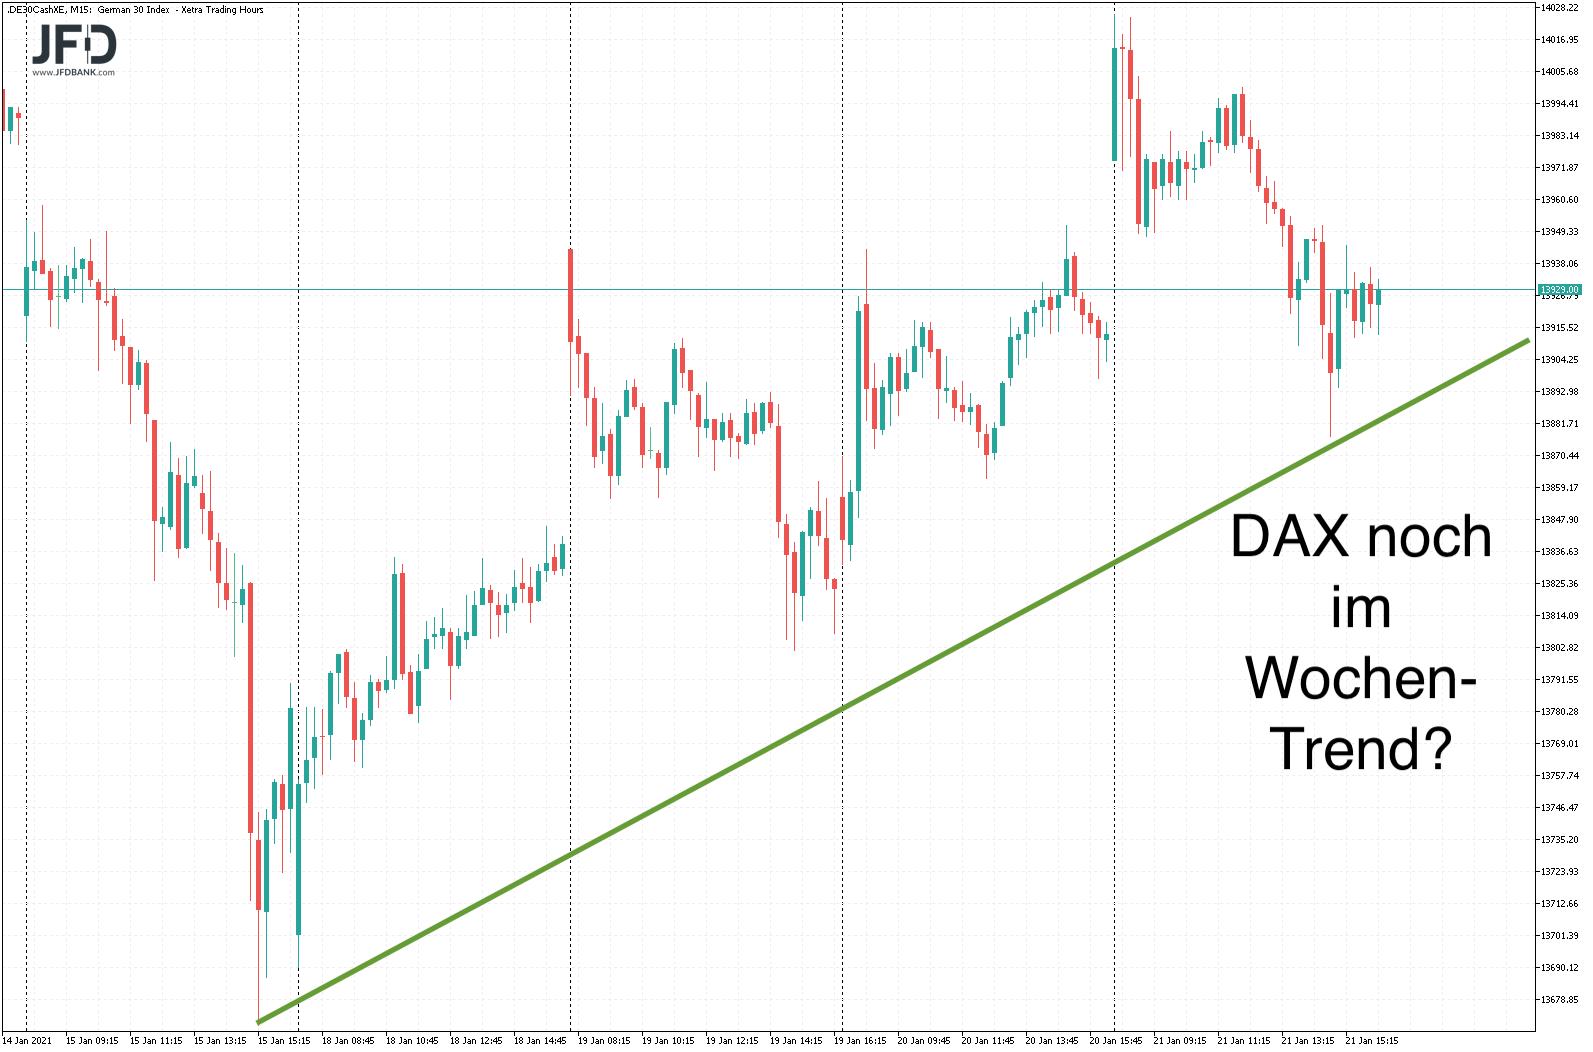 DAX-Trend der letzten 5 Handelstage